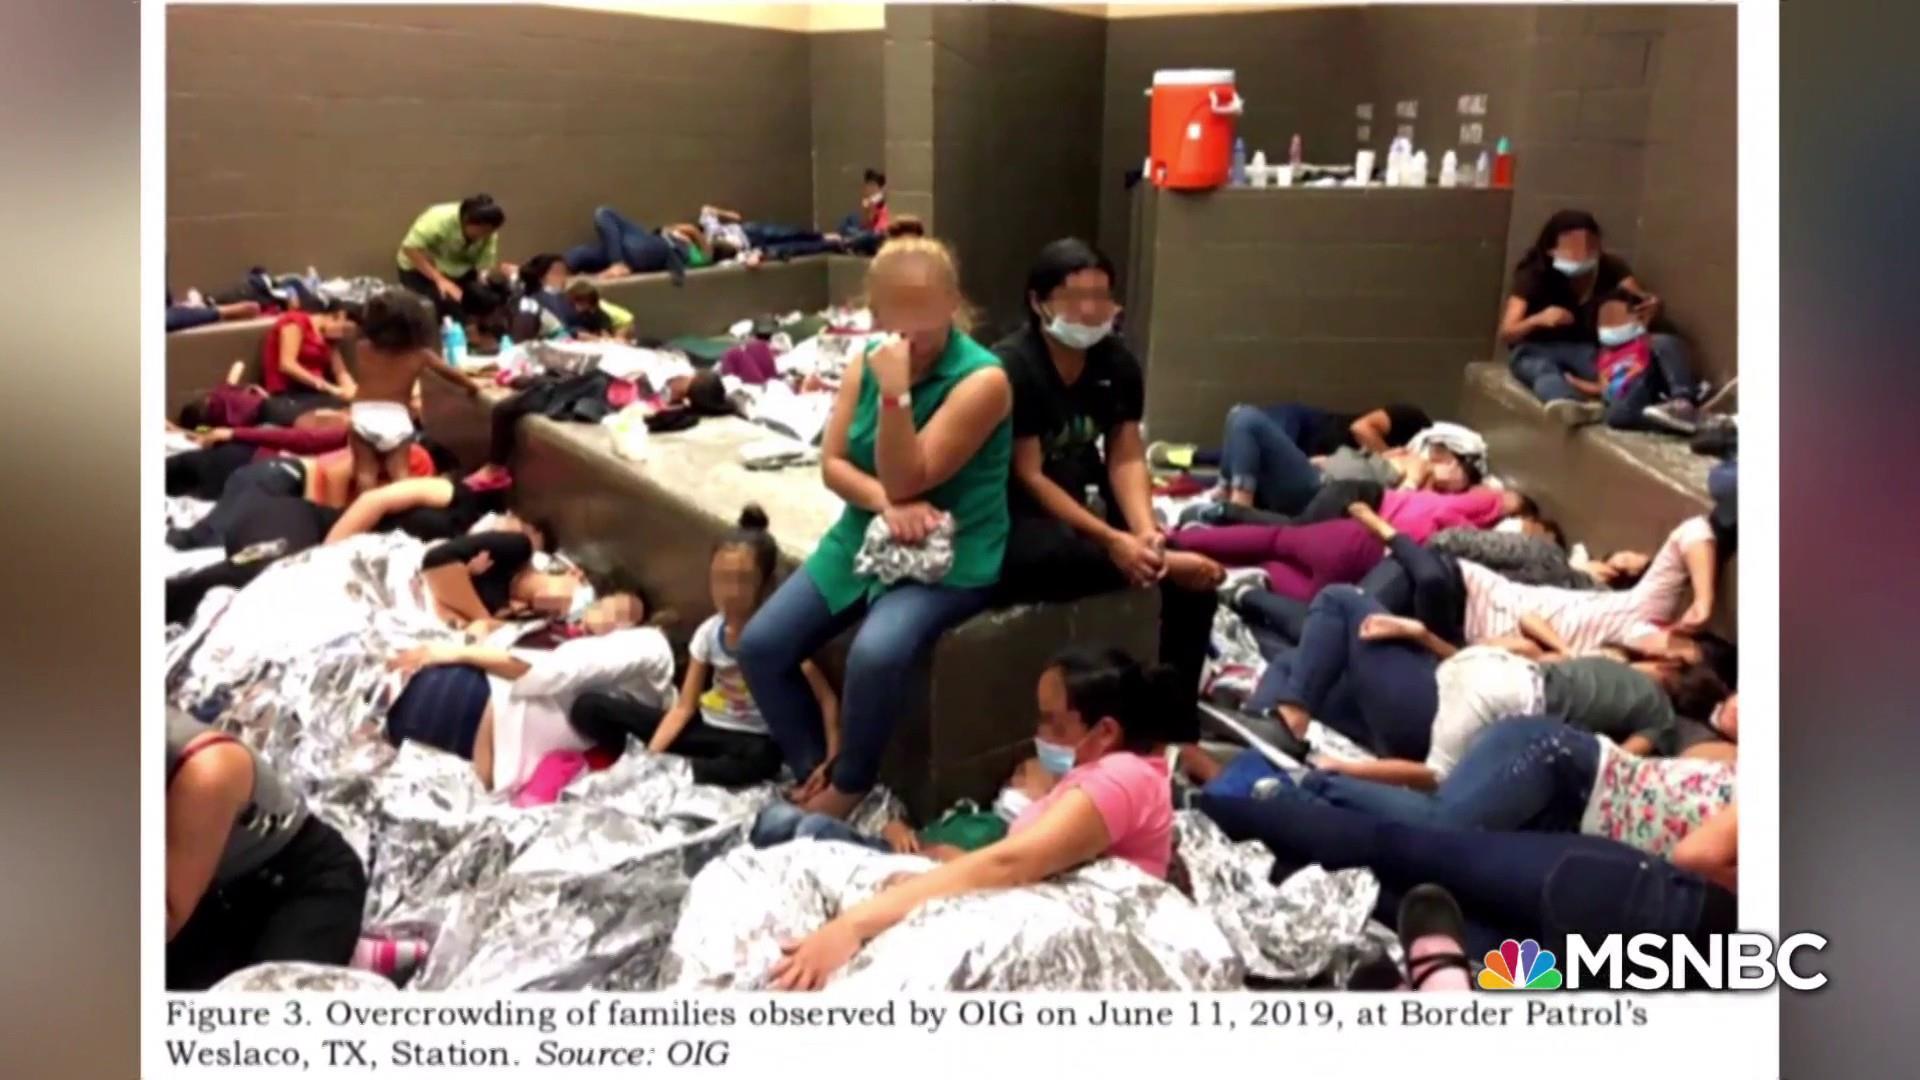 The humanitarian crisis at the U.S. - Mexico border continues